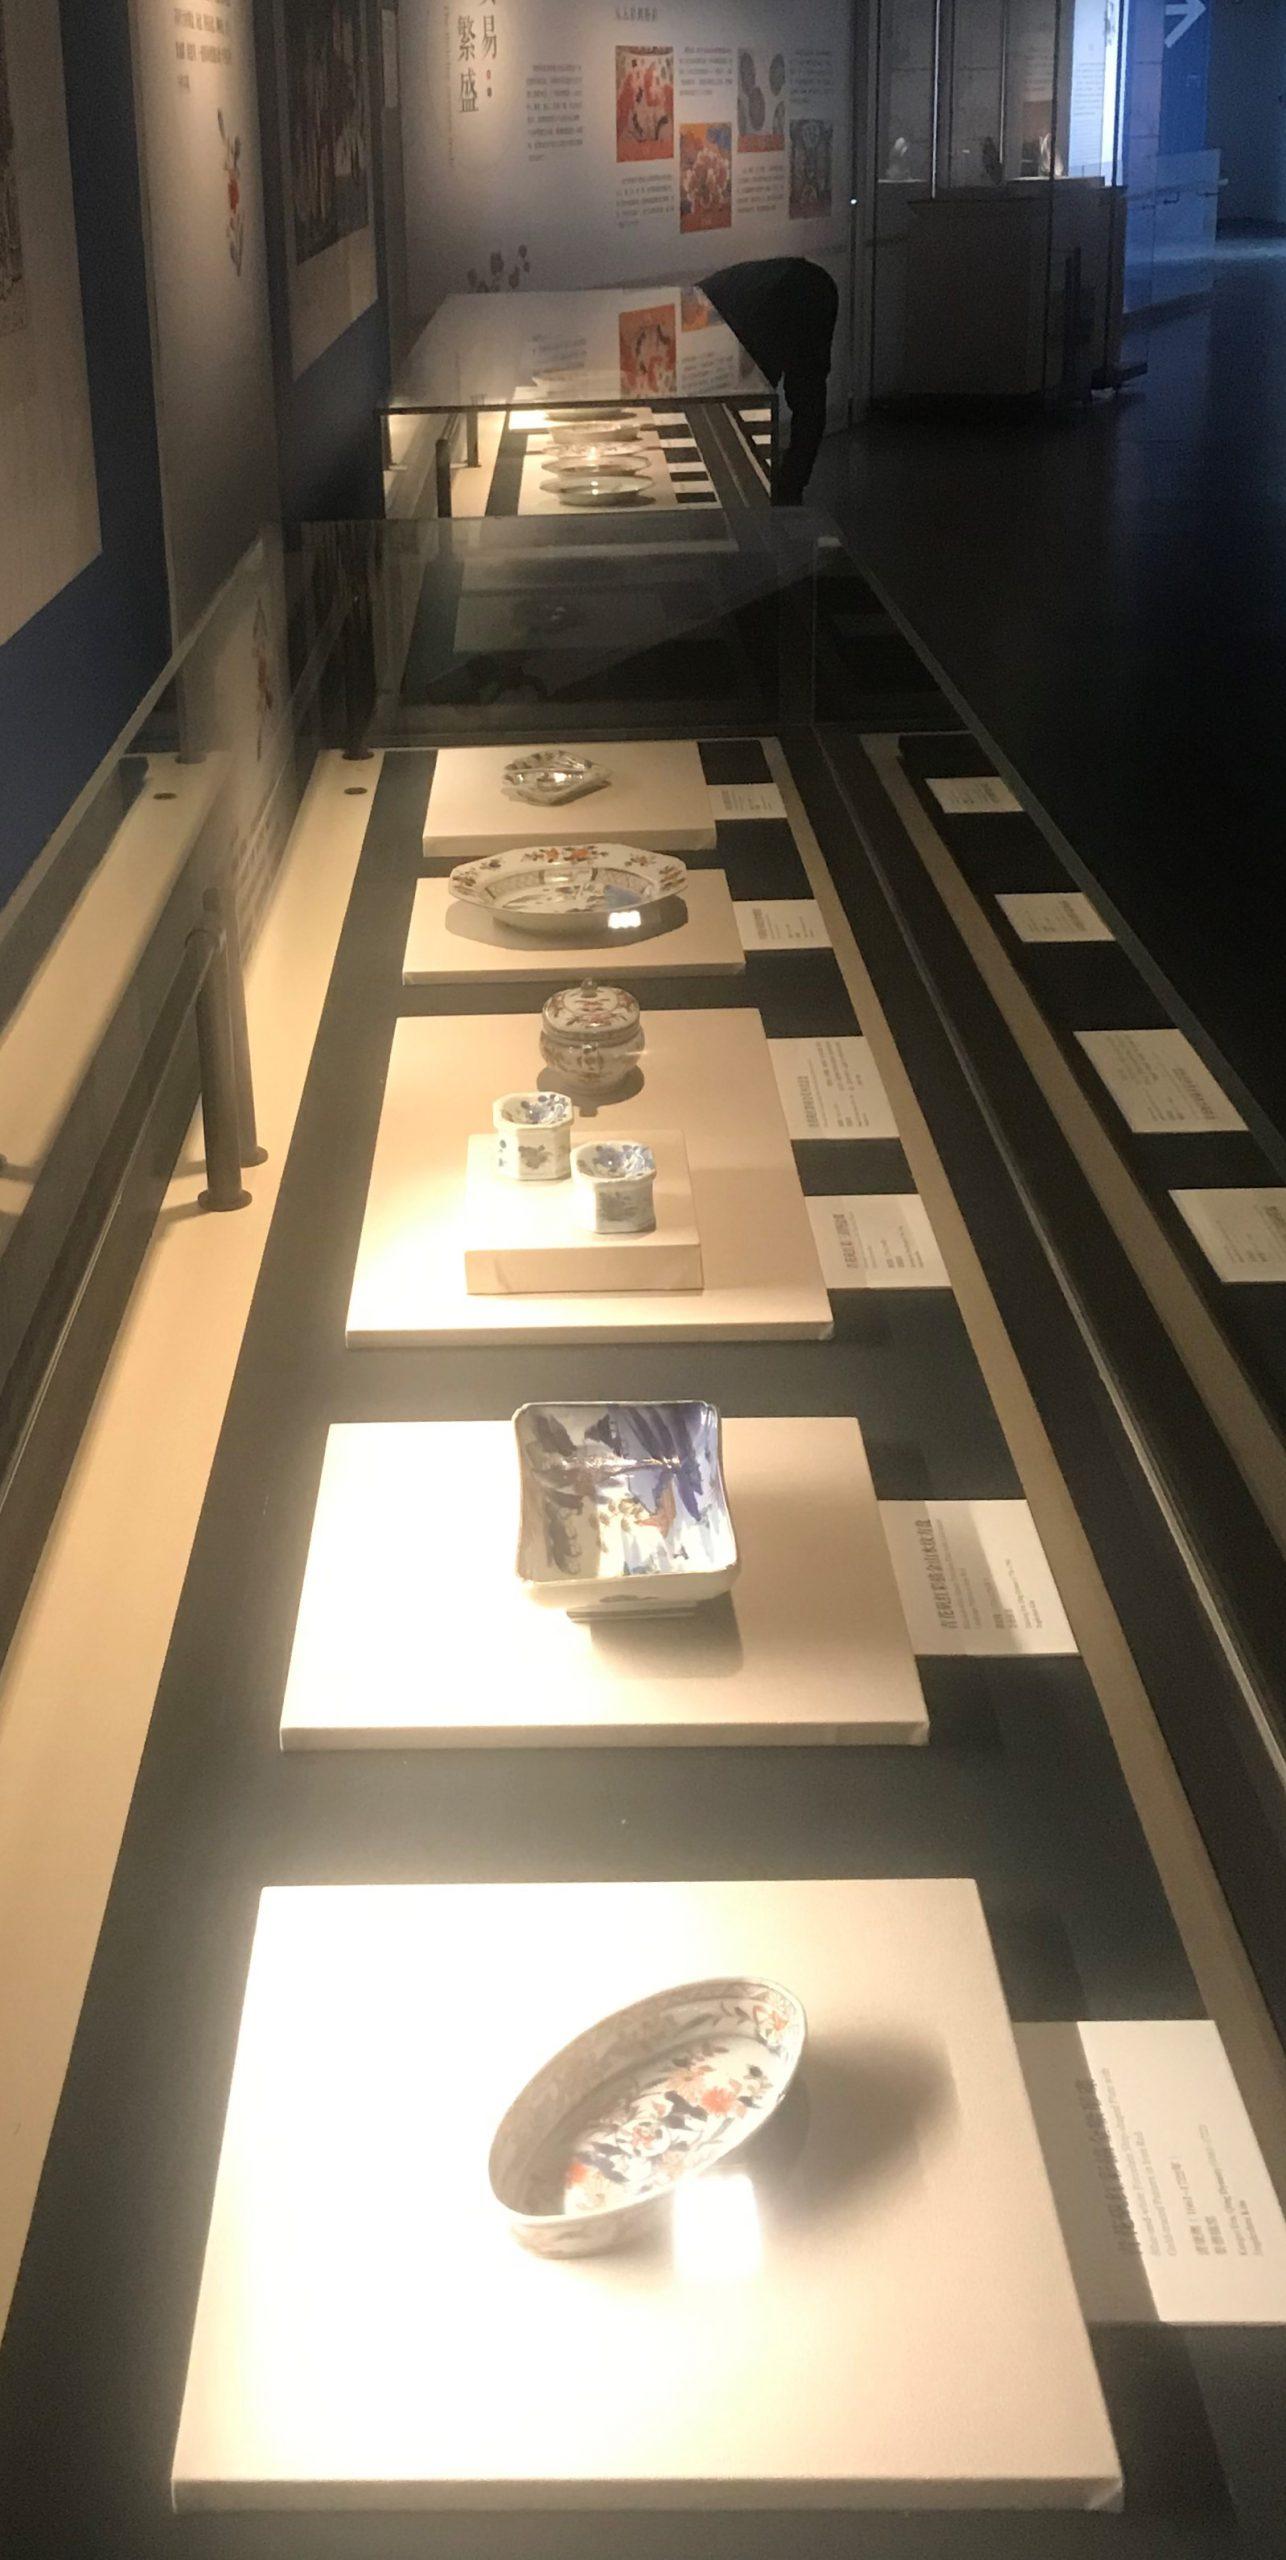 6月30日-10月11日【競妍-清代中日伊万里瓷器特展】成都博物館-3階展示室